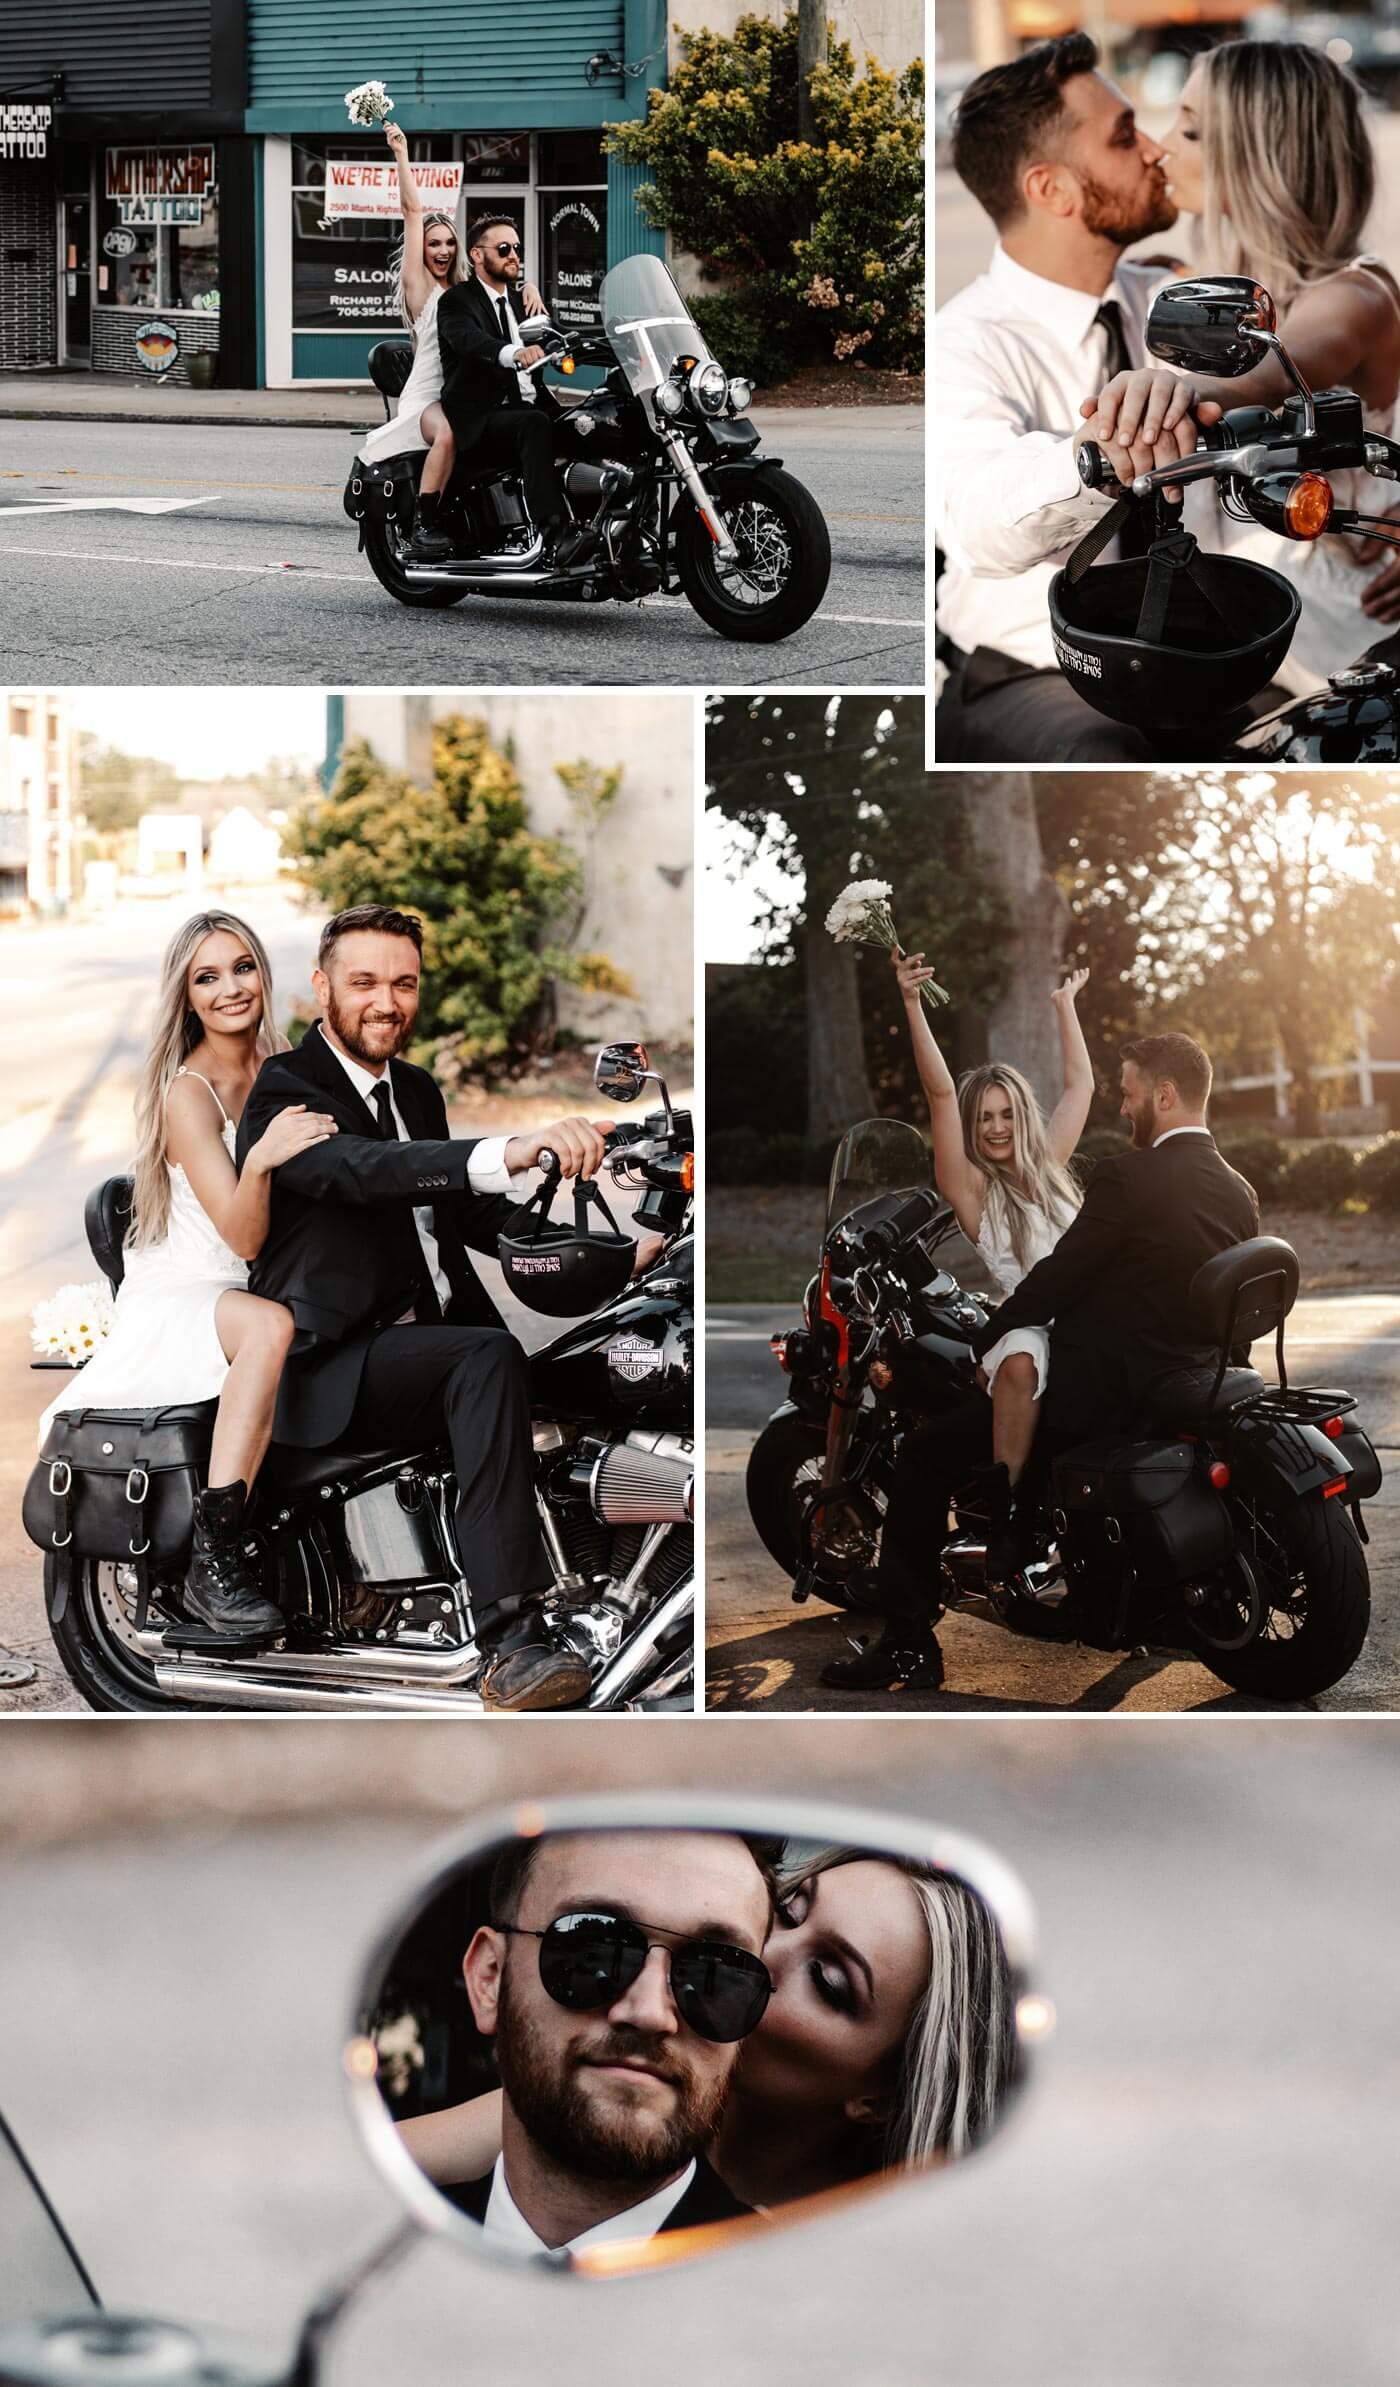 Hochzeit Motorrad